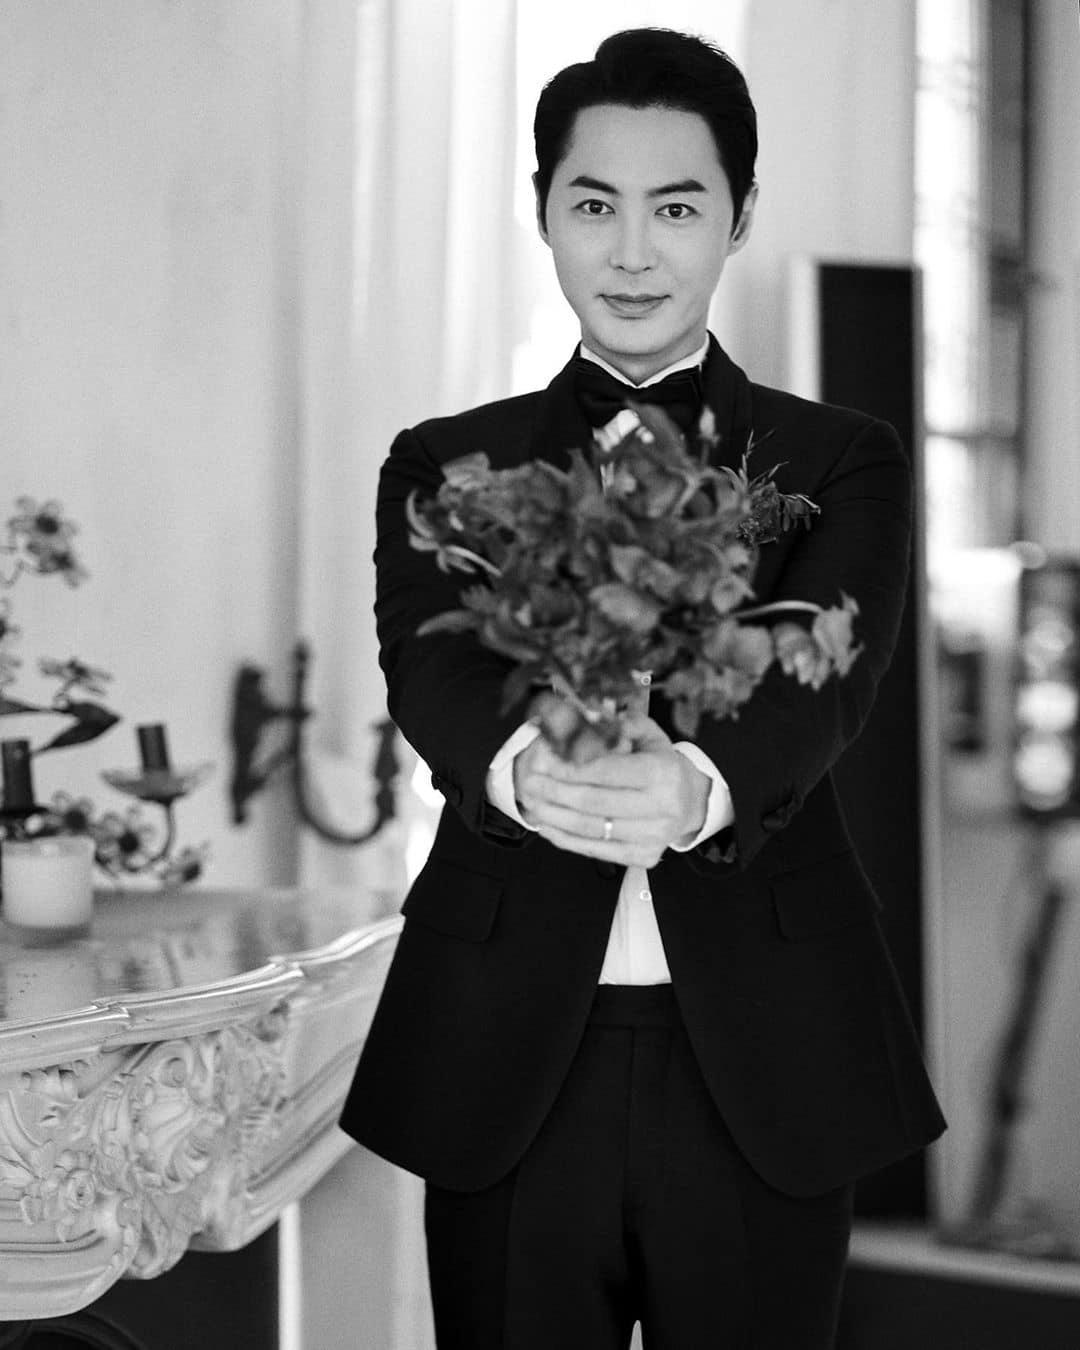 Đám cưới hot nhất Kbiz hôm nay: Nam thần Kpop một thời bảnh bao bên huyền thoại Shinhwa, nhan sắc cô dâu gây bất ngờ - Ảnh 6.